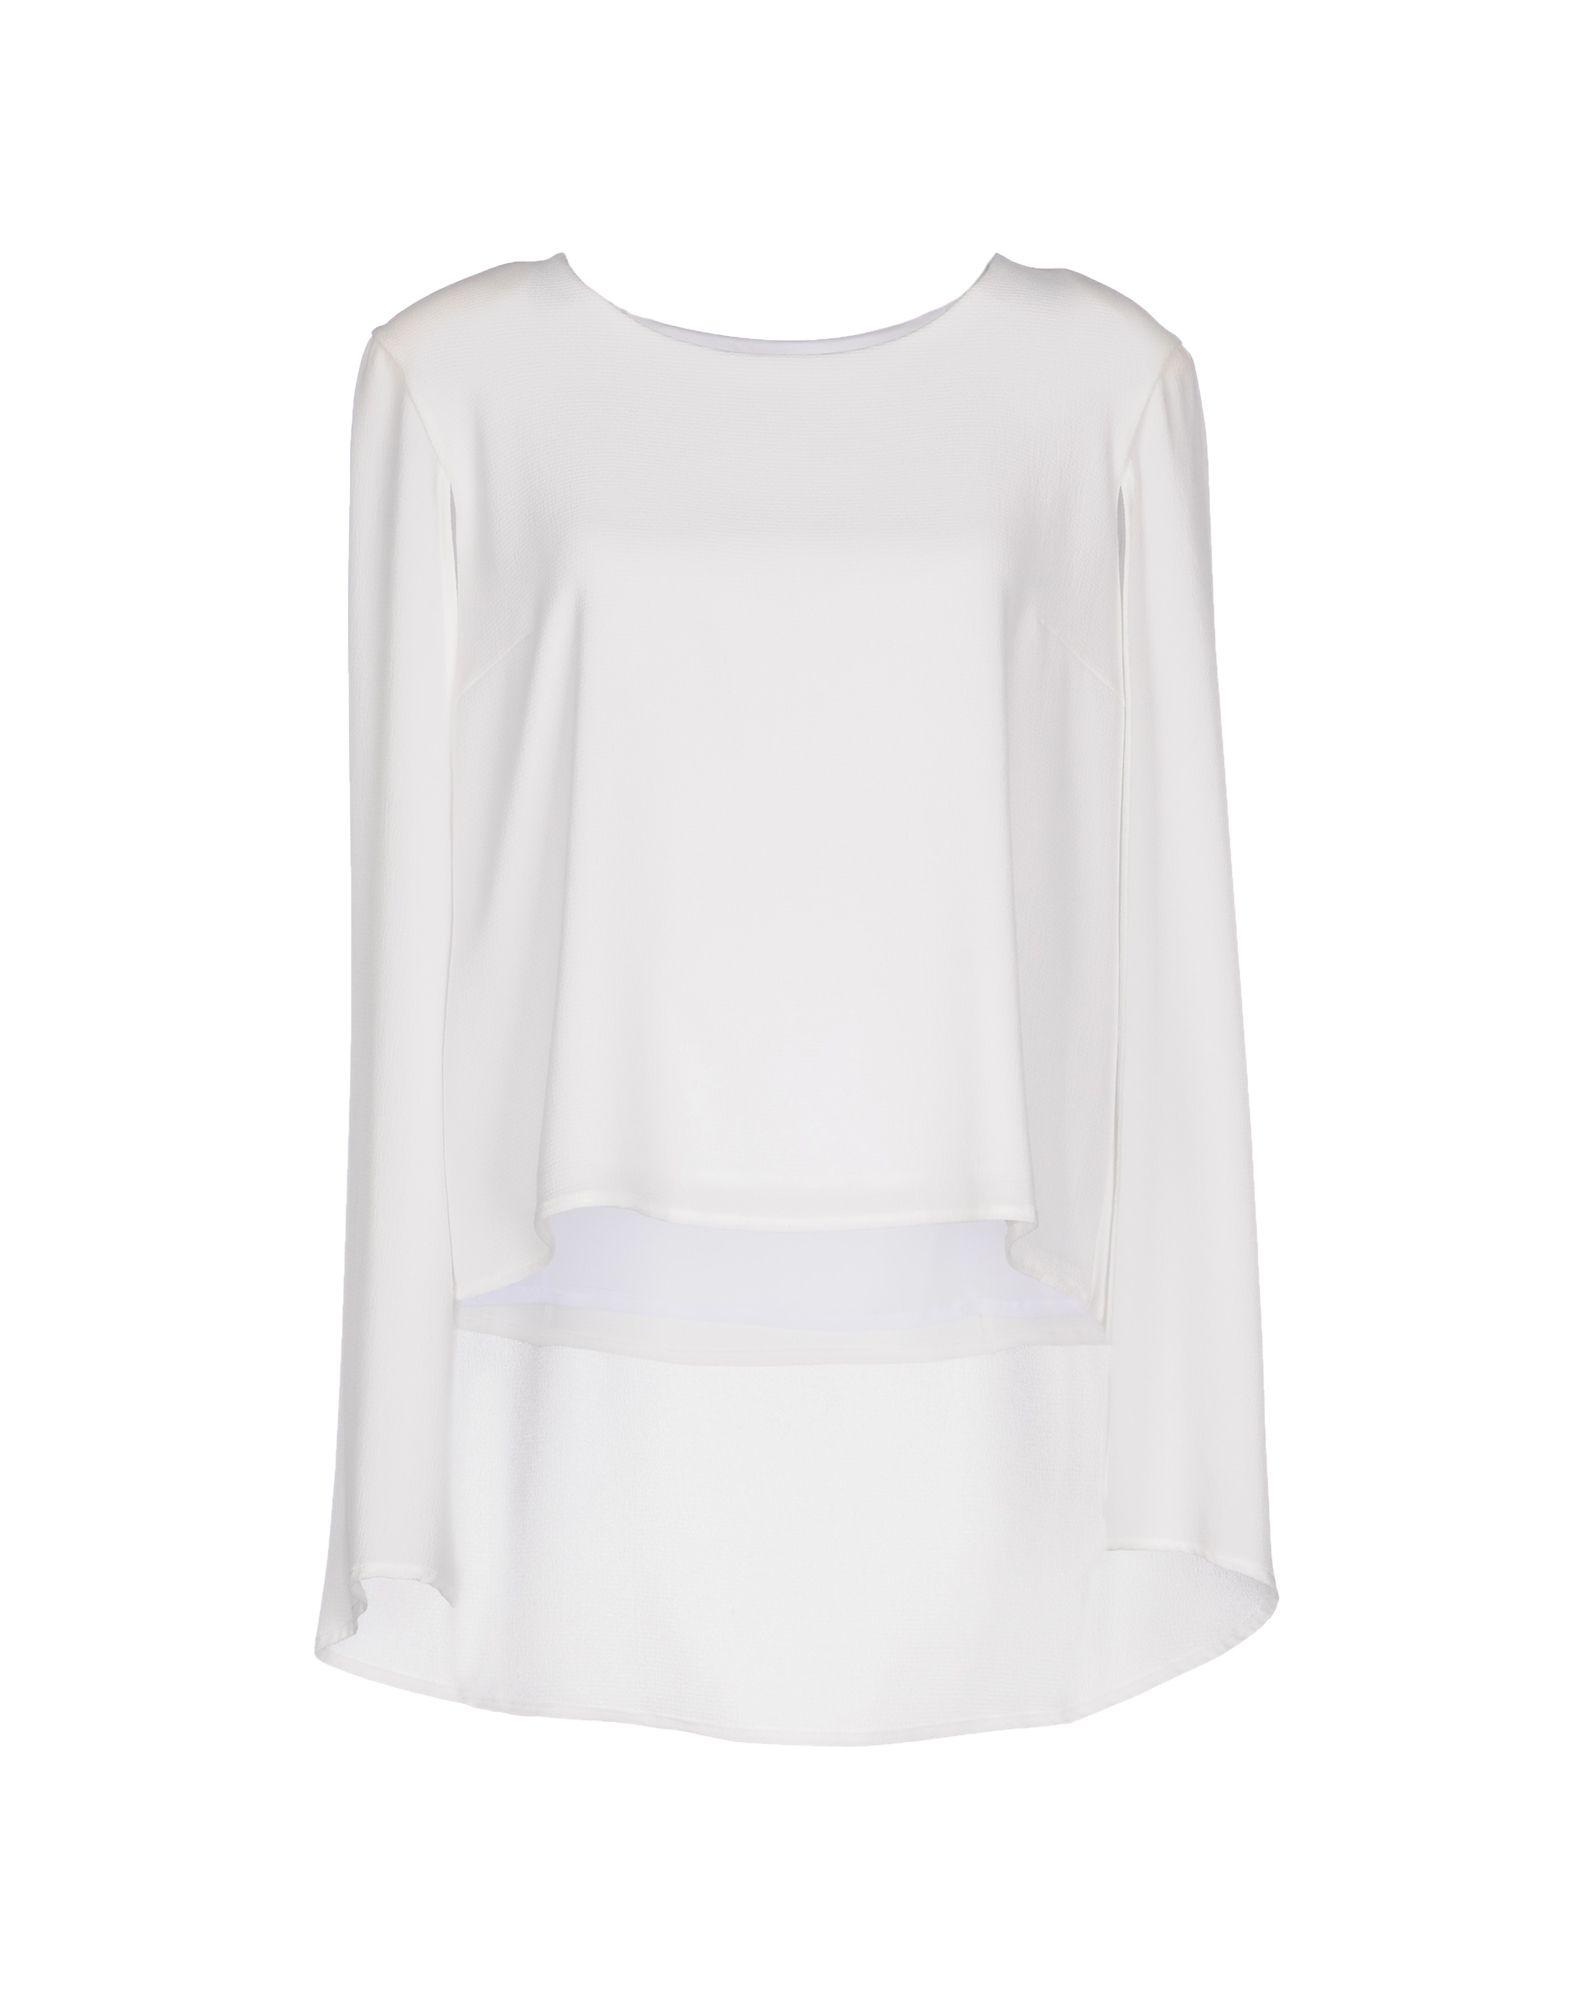 ALMAGORES Damen Bluse Farbe Weiß Größe 5